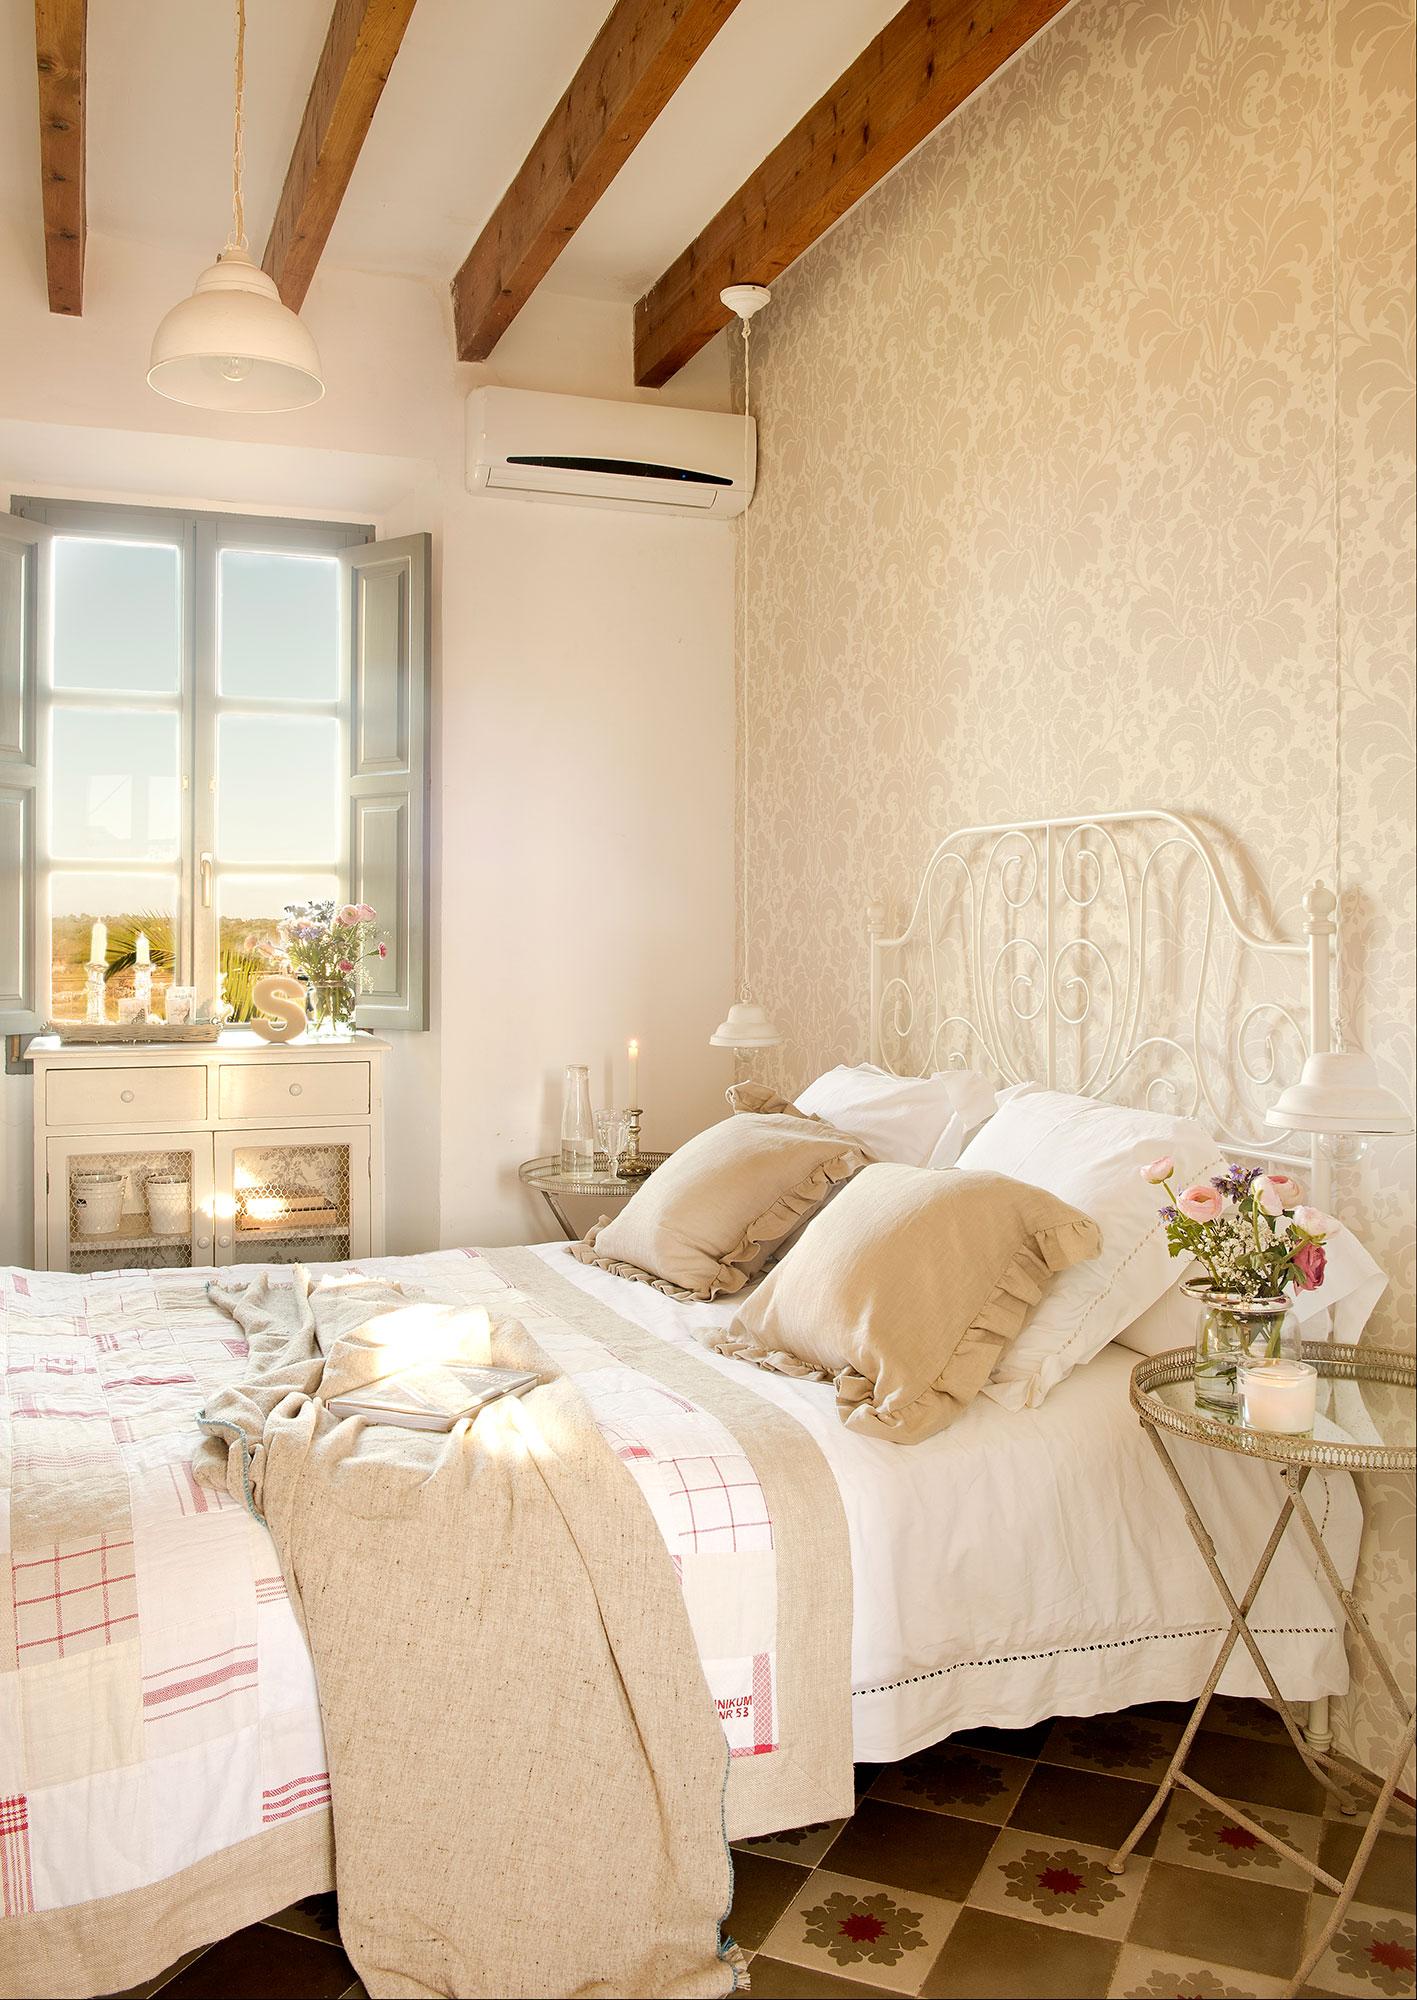 Mesillas de noche para el dormitorio Mesitas de dormitorio ikea